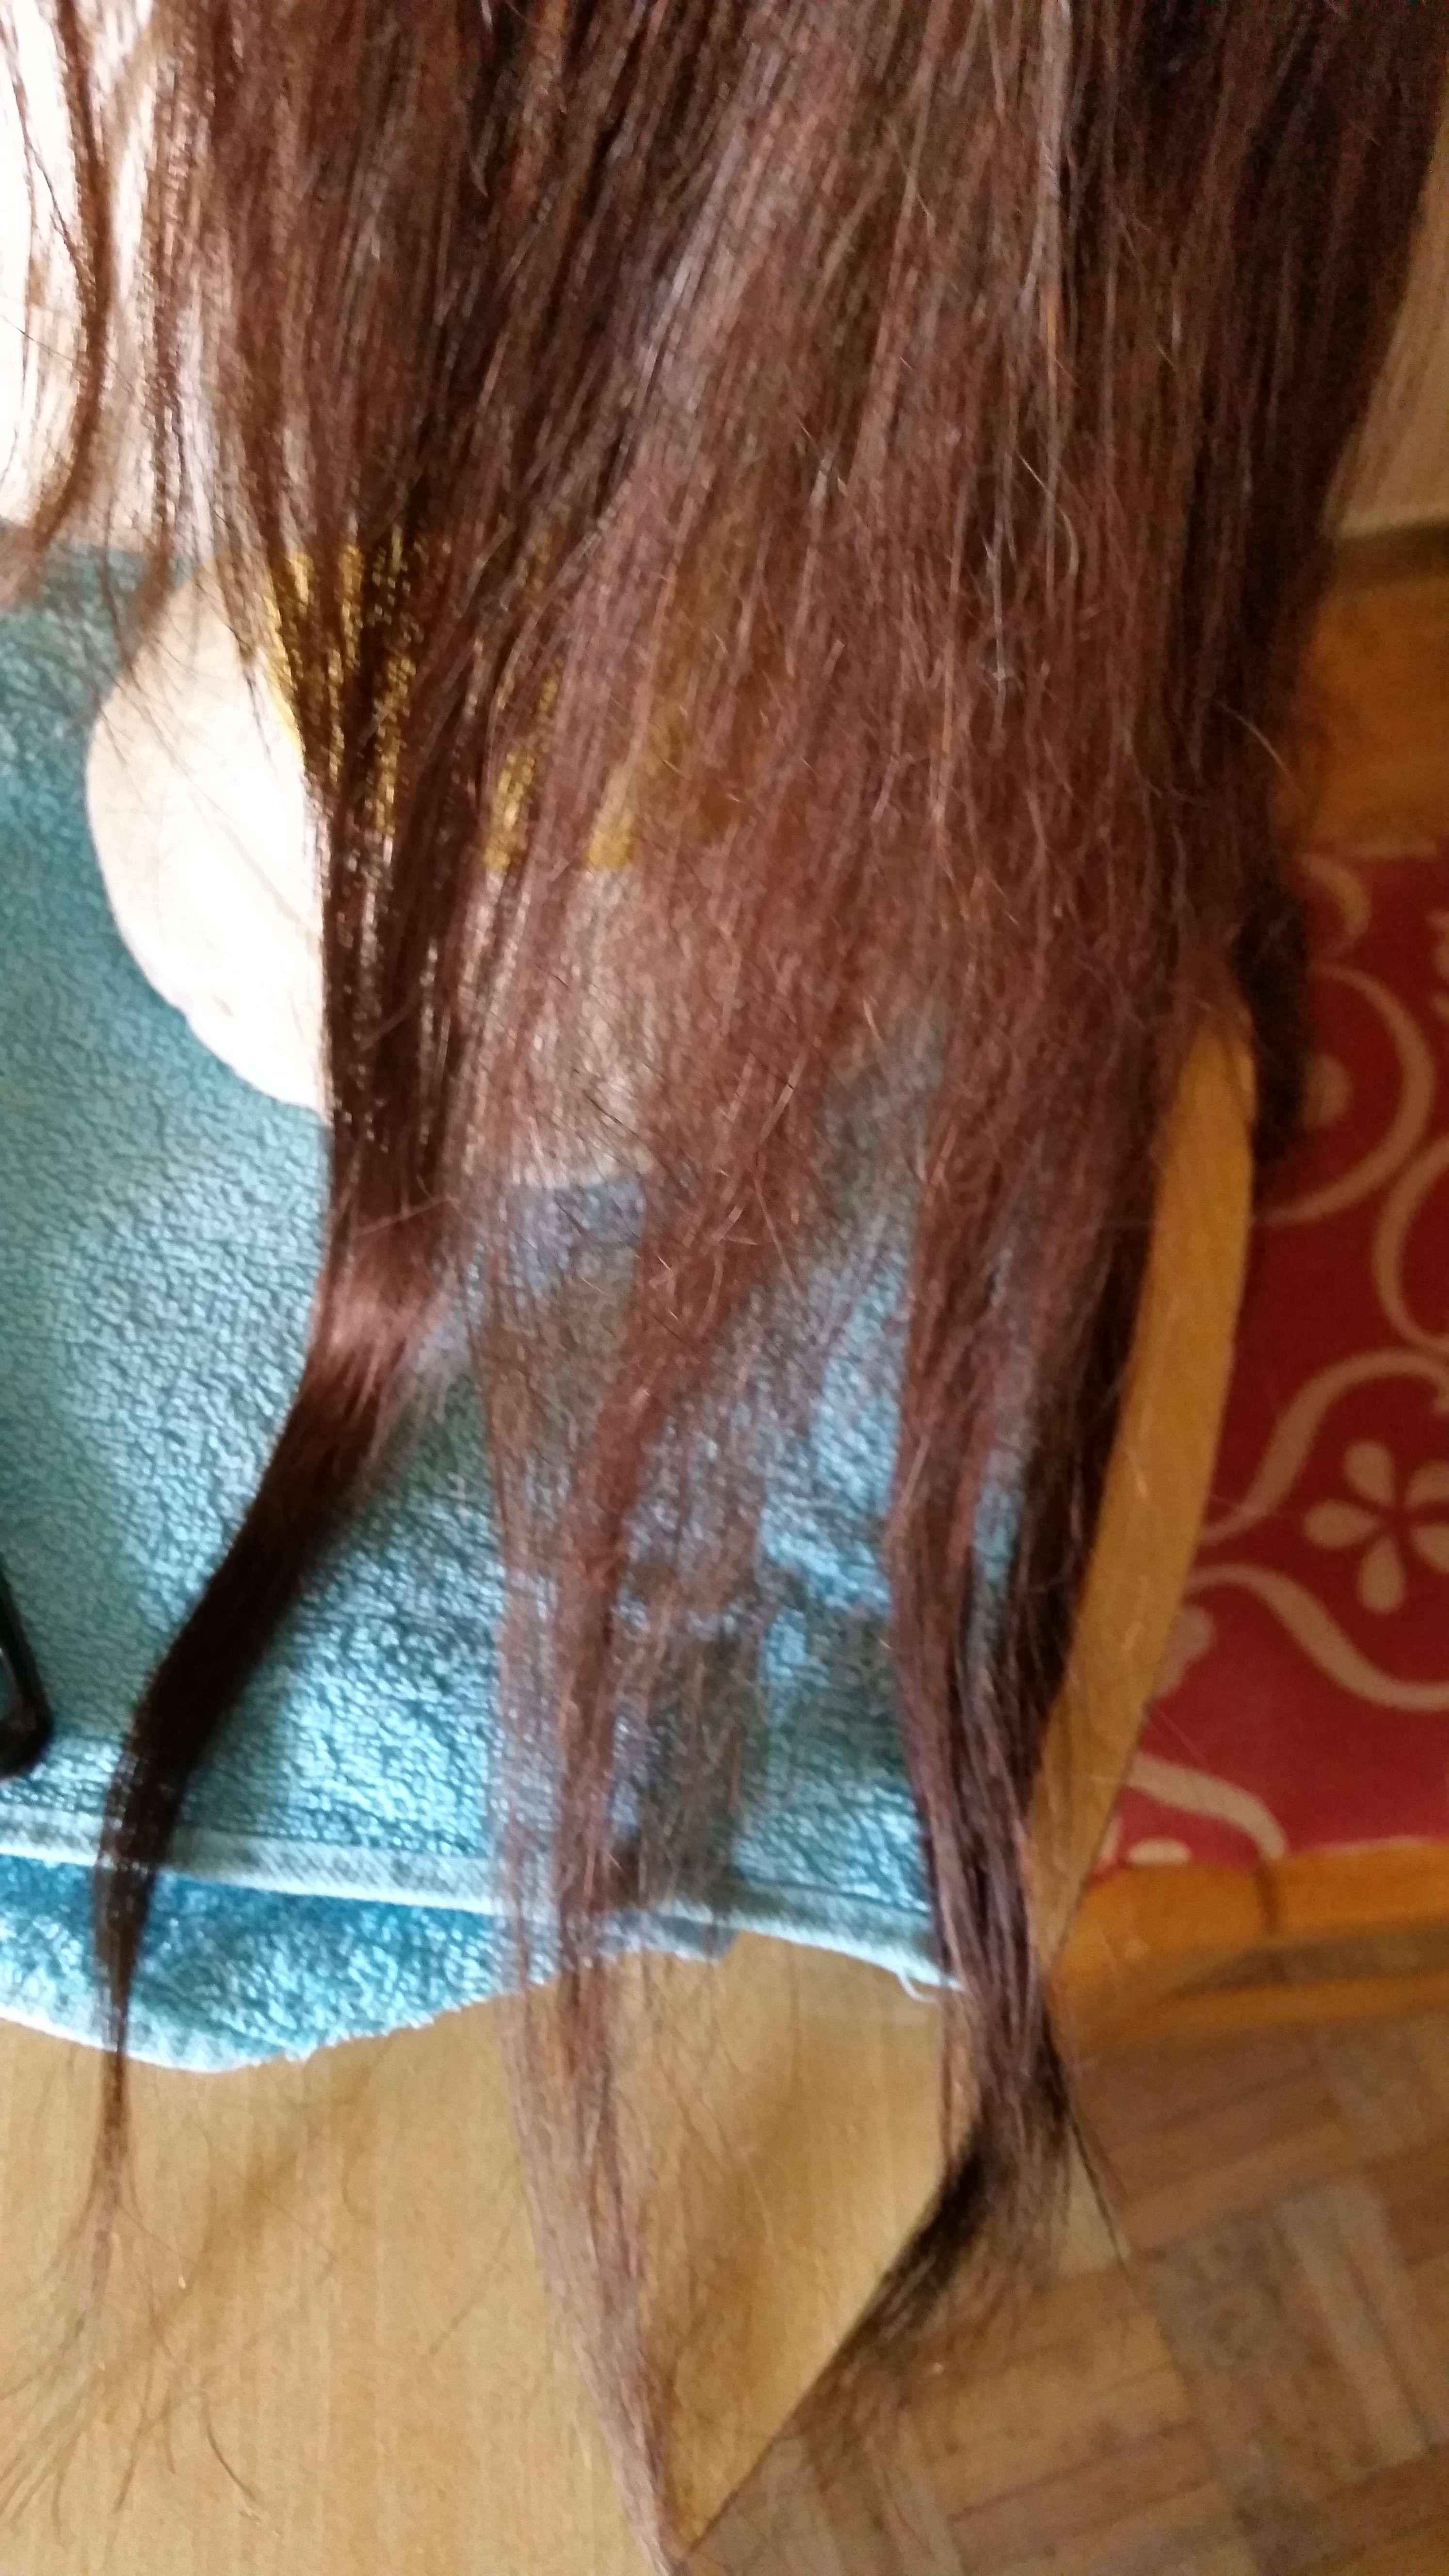 extraño a pelo